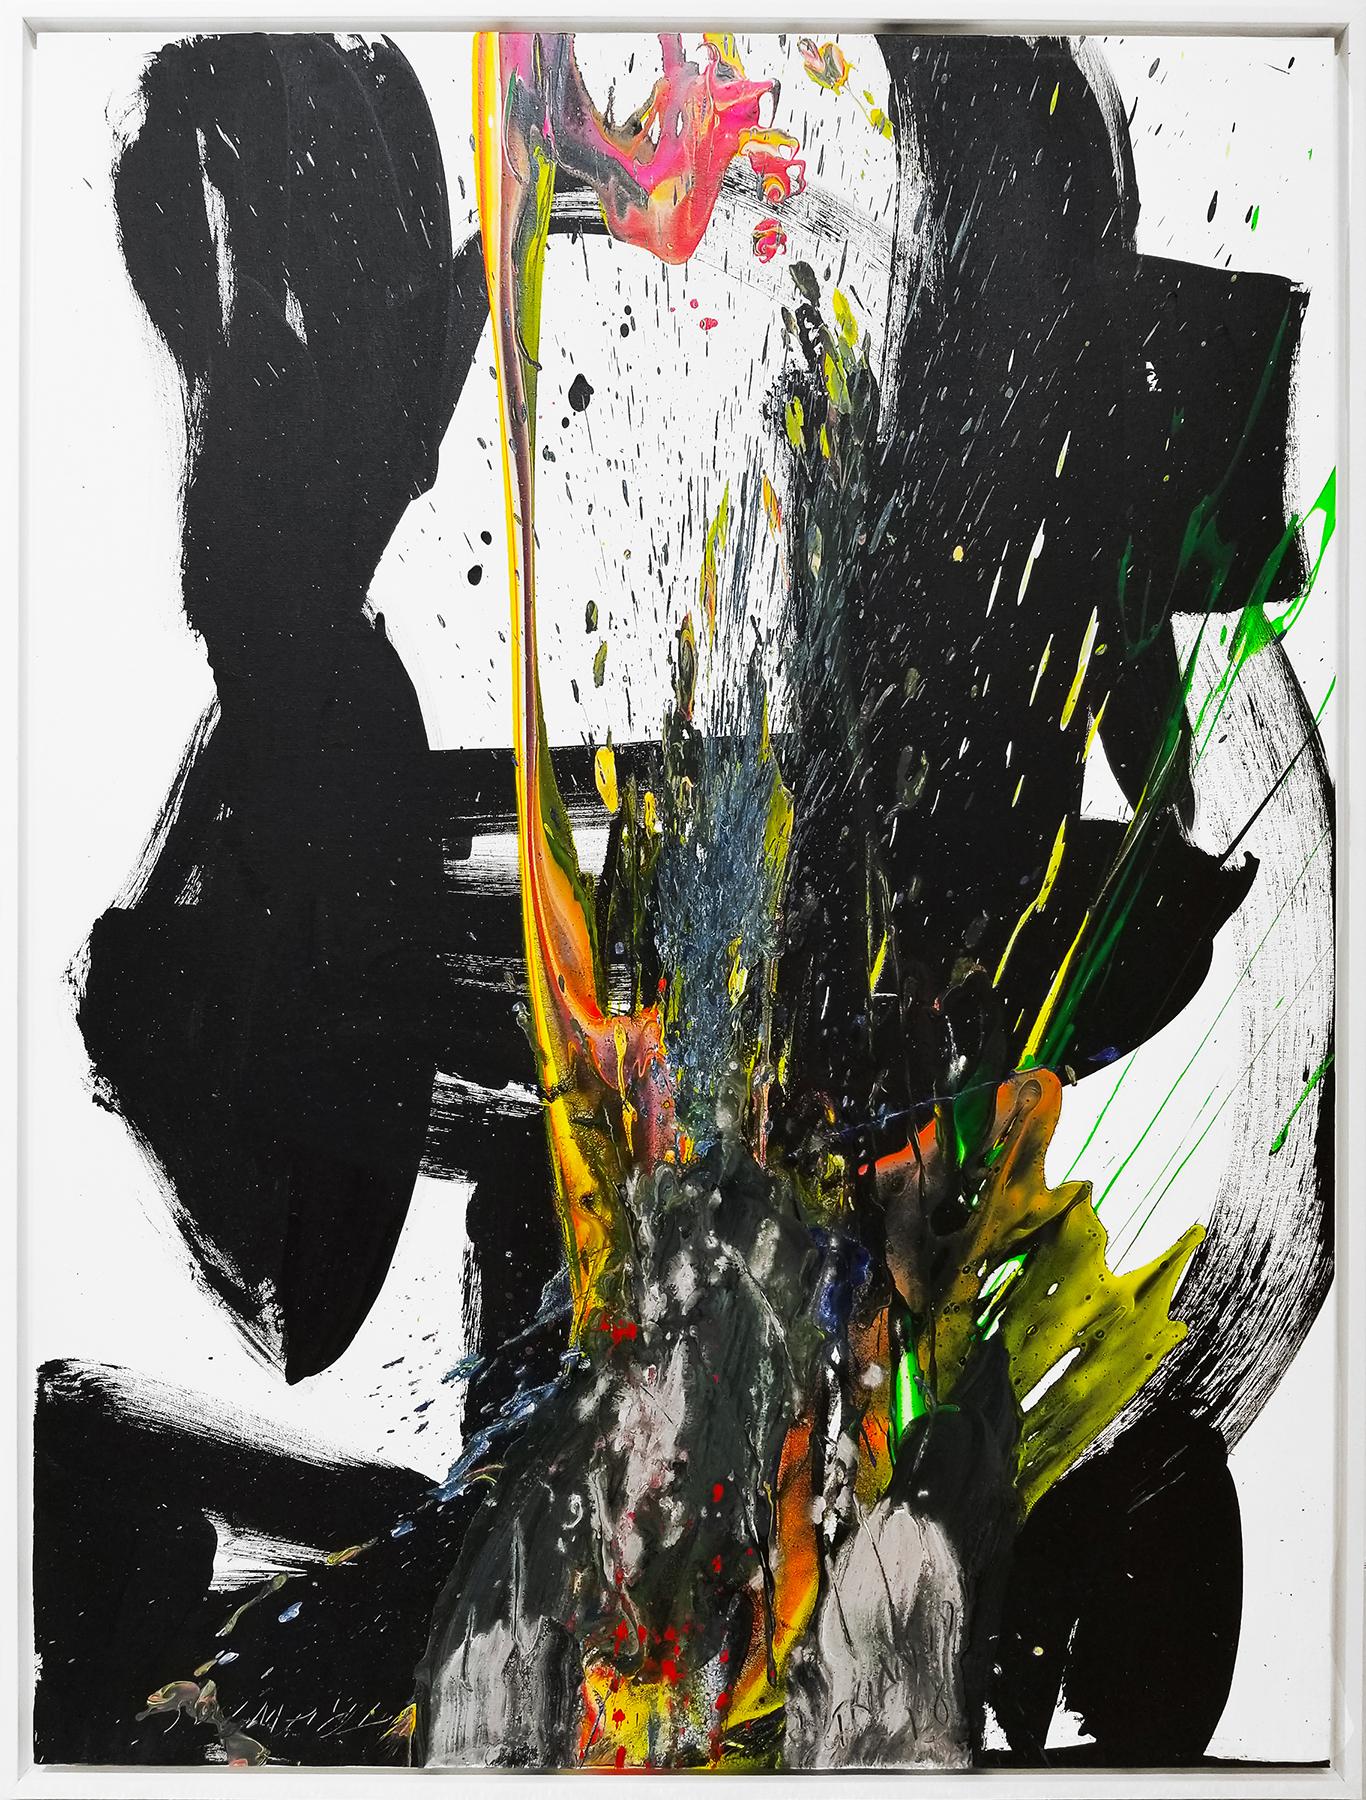 """SP2 #111, 2018, acrylic on canvas, 48""""x36"""" (122 x 91.4 cm)"""